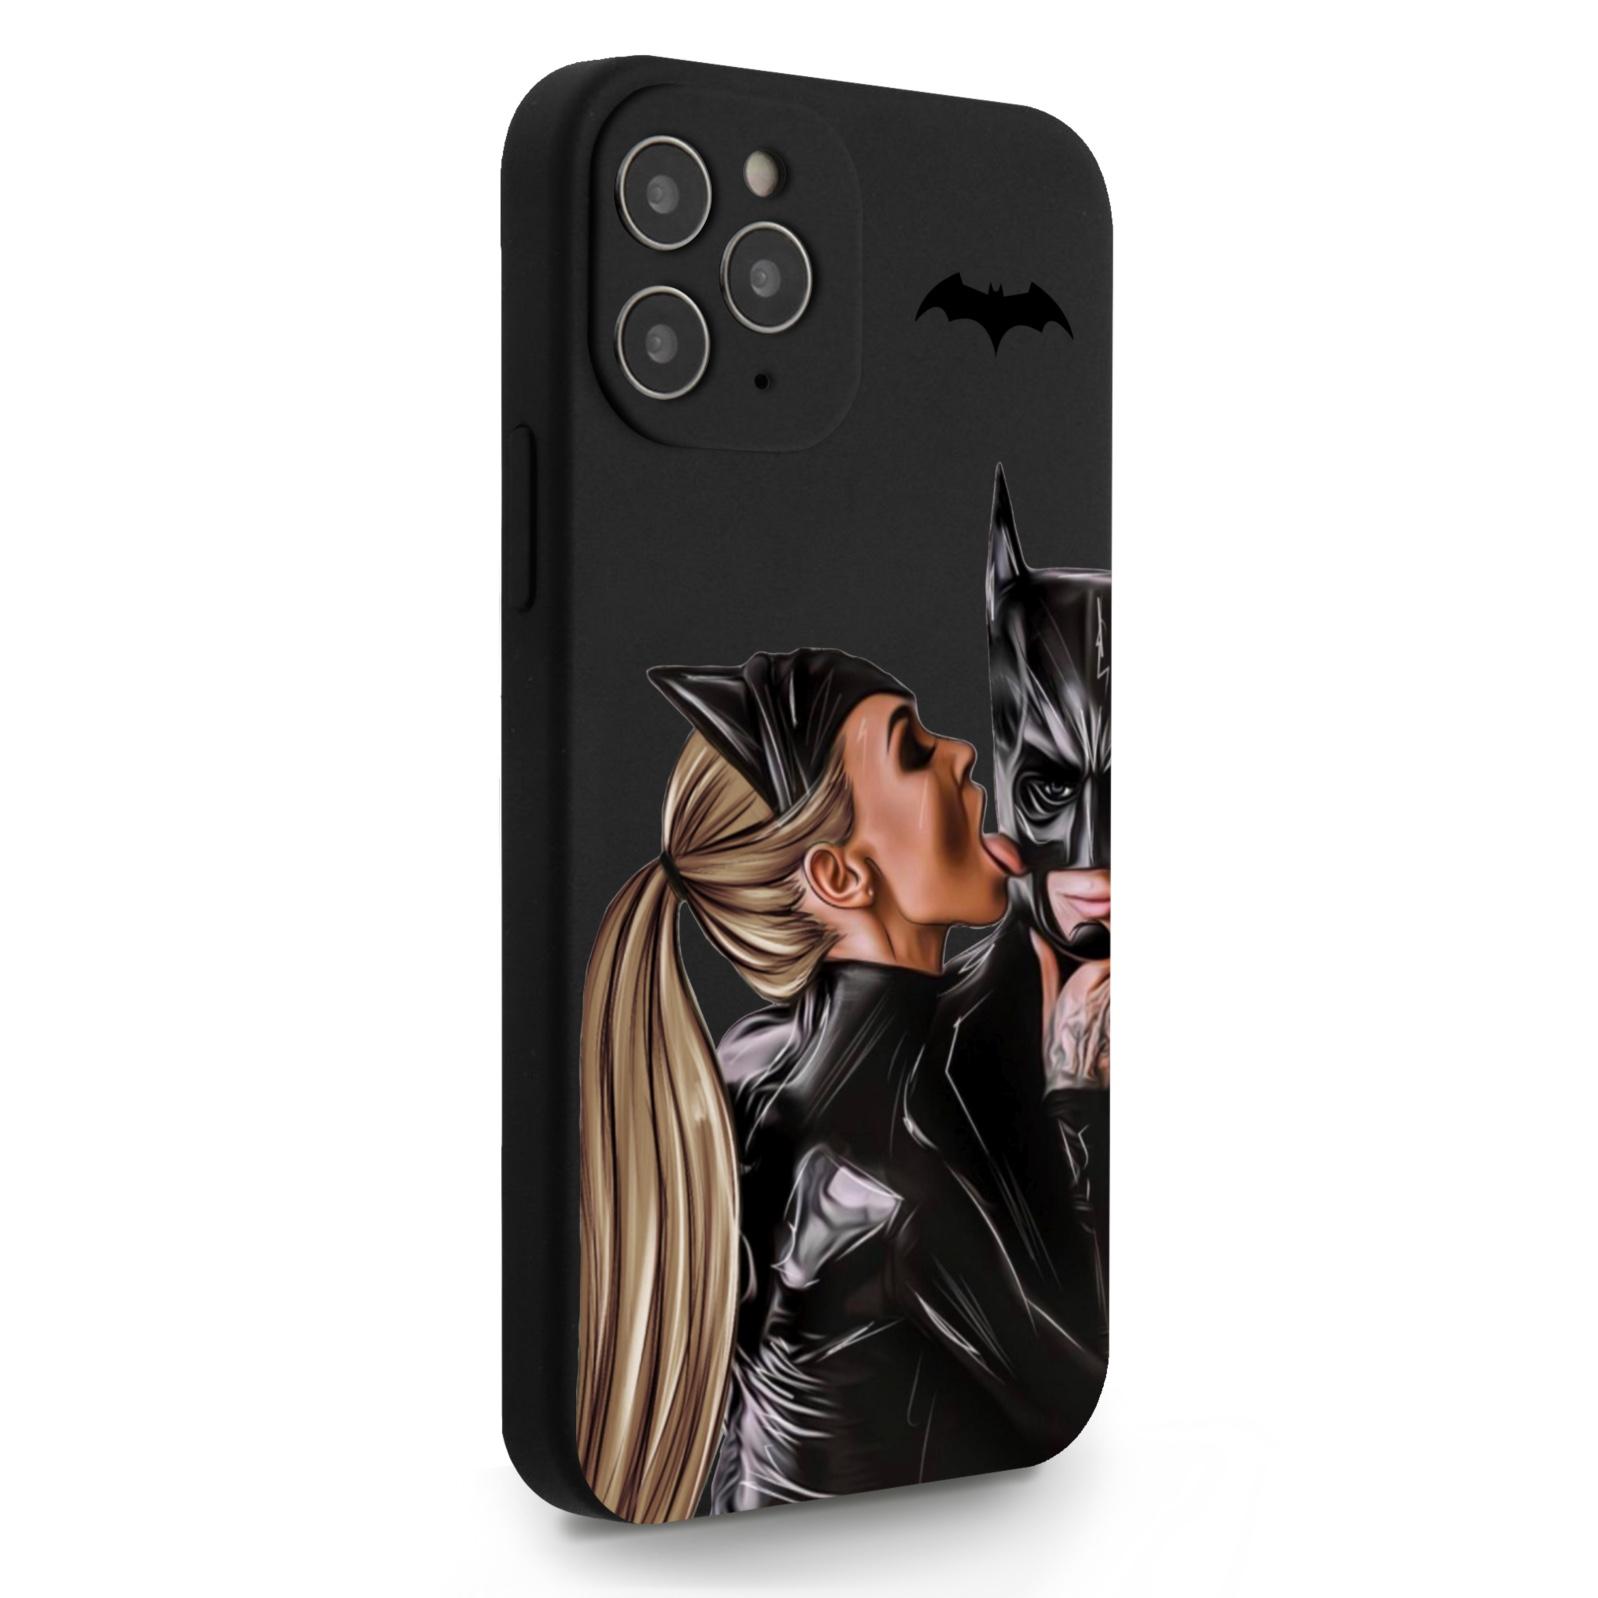 Черный силиконовый чехол для iPhone 12/12 Pro Cat Woman/ Женщина-кошка и бэтмен для Айфон 12/12 Про